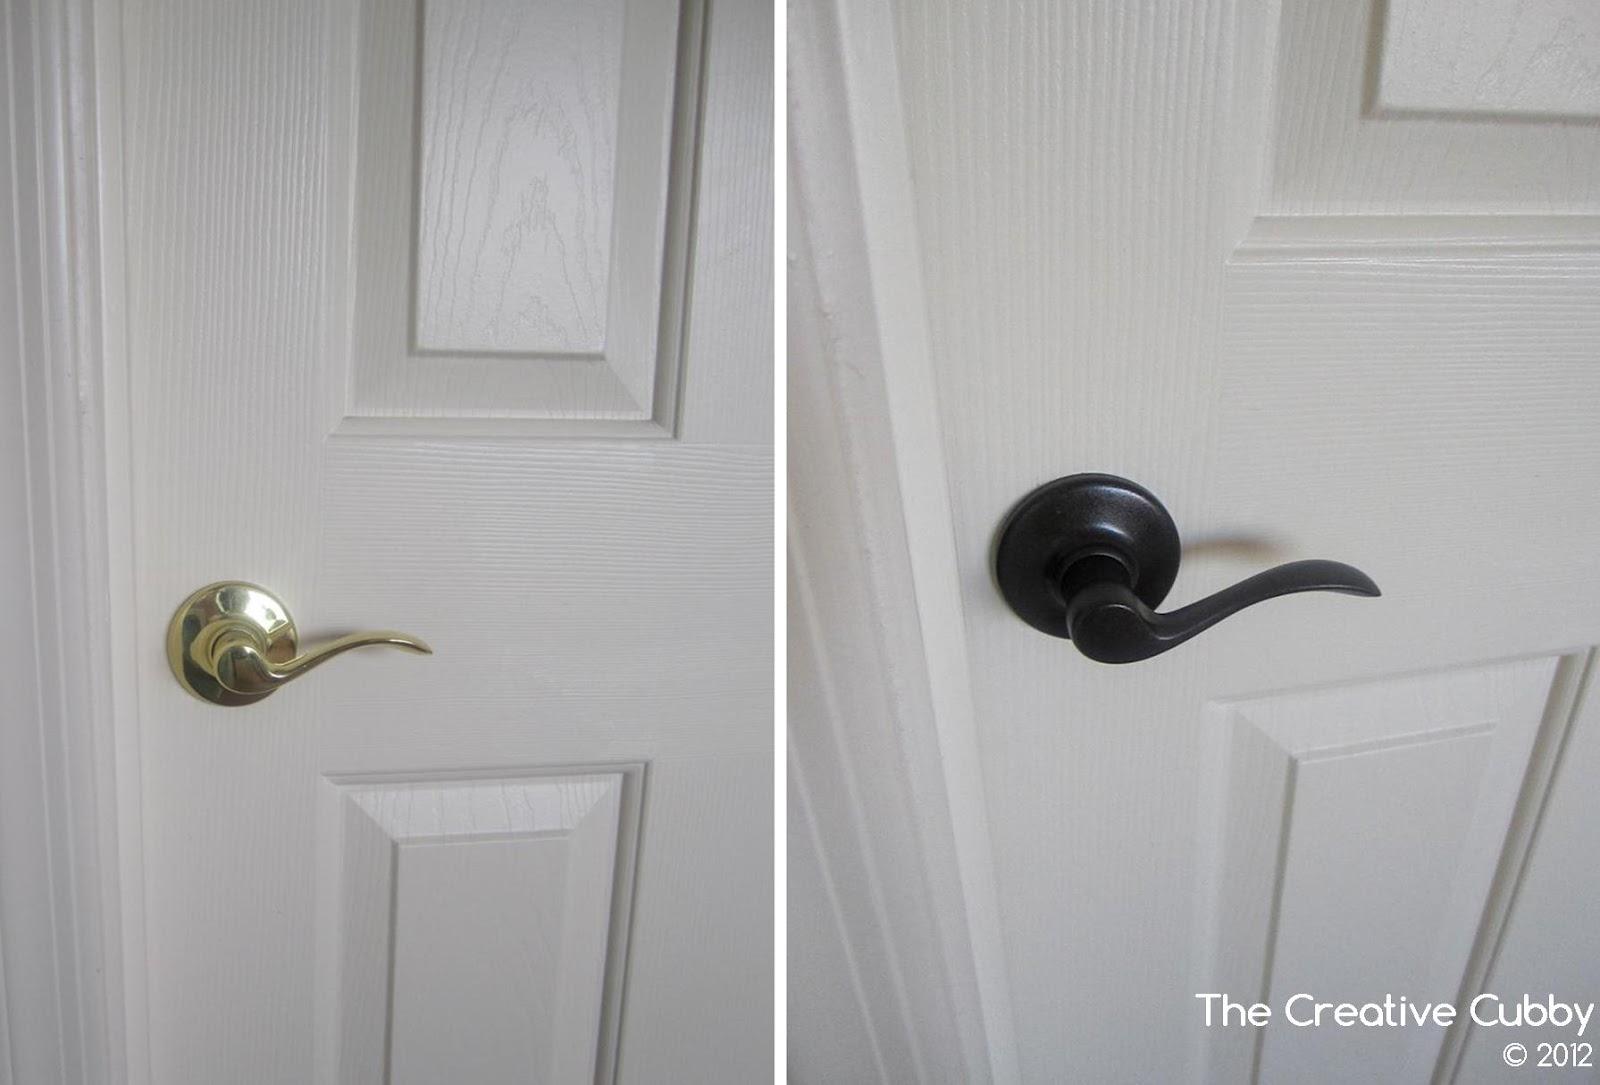 The Creative Cubby Diy Door Handle Upgrade